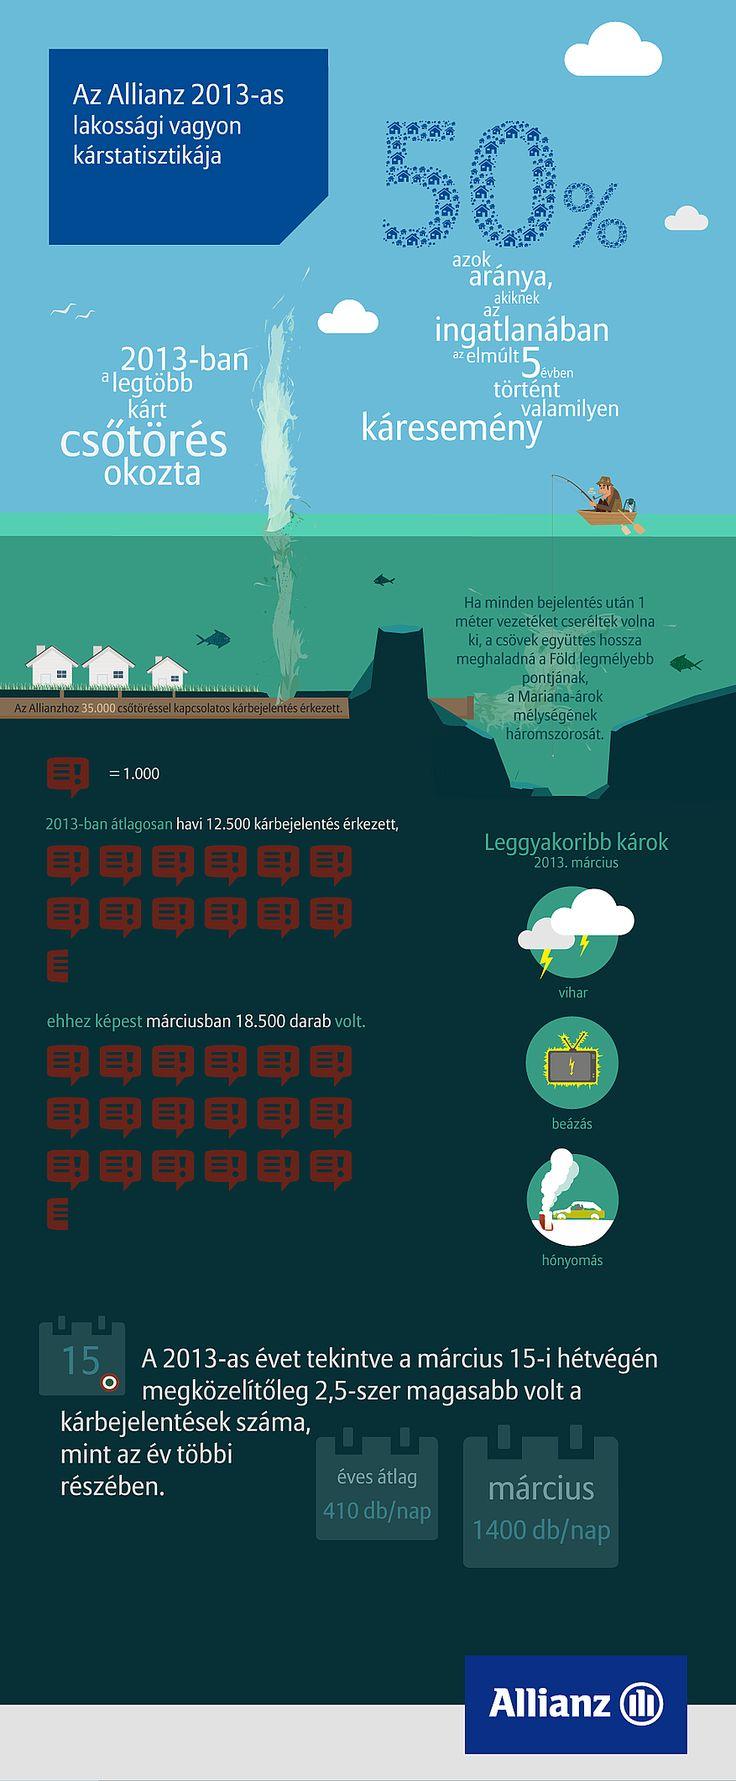 #Infografika a 2013-as kárbejelentésekről